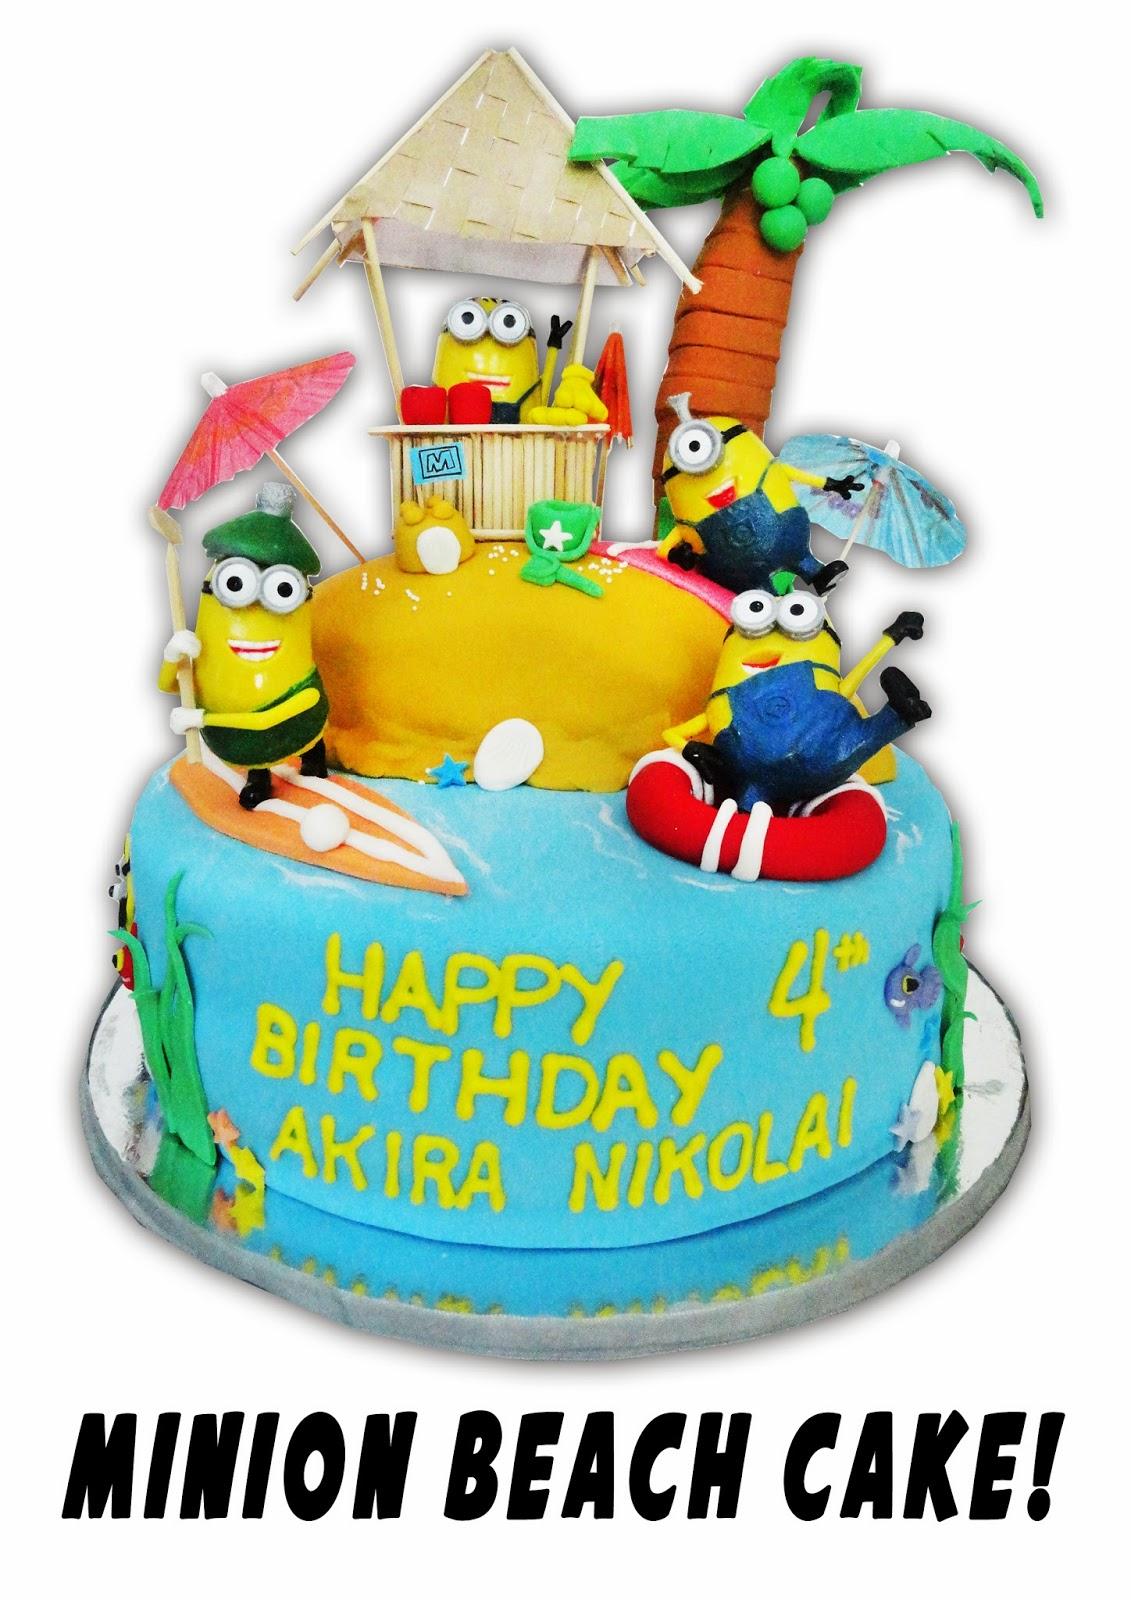 Minion Beach Cake